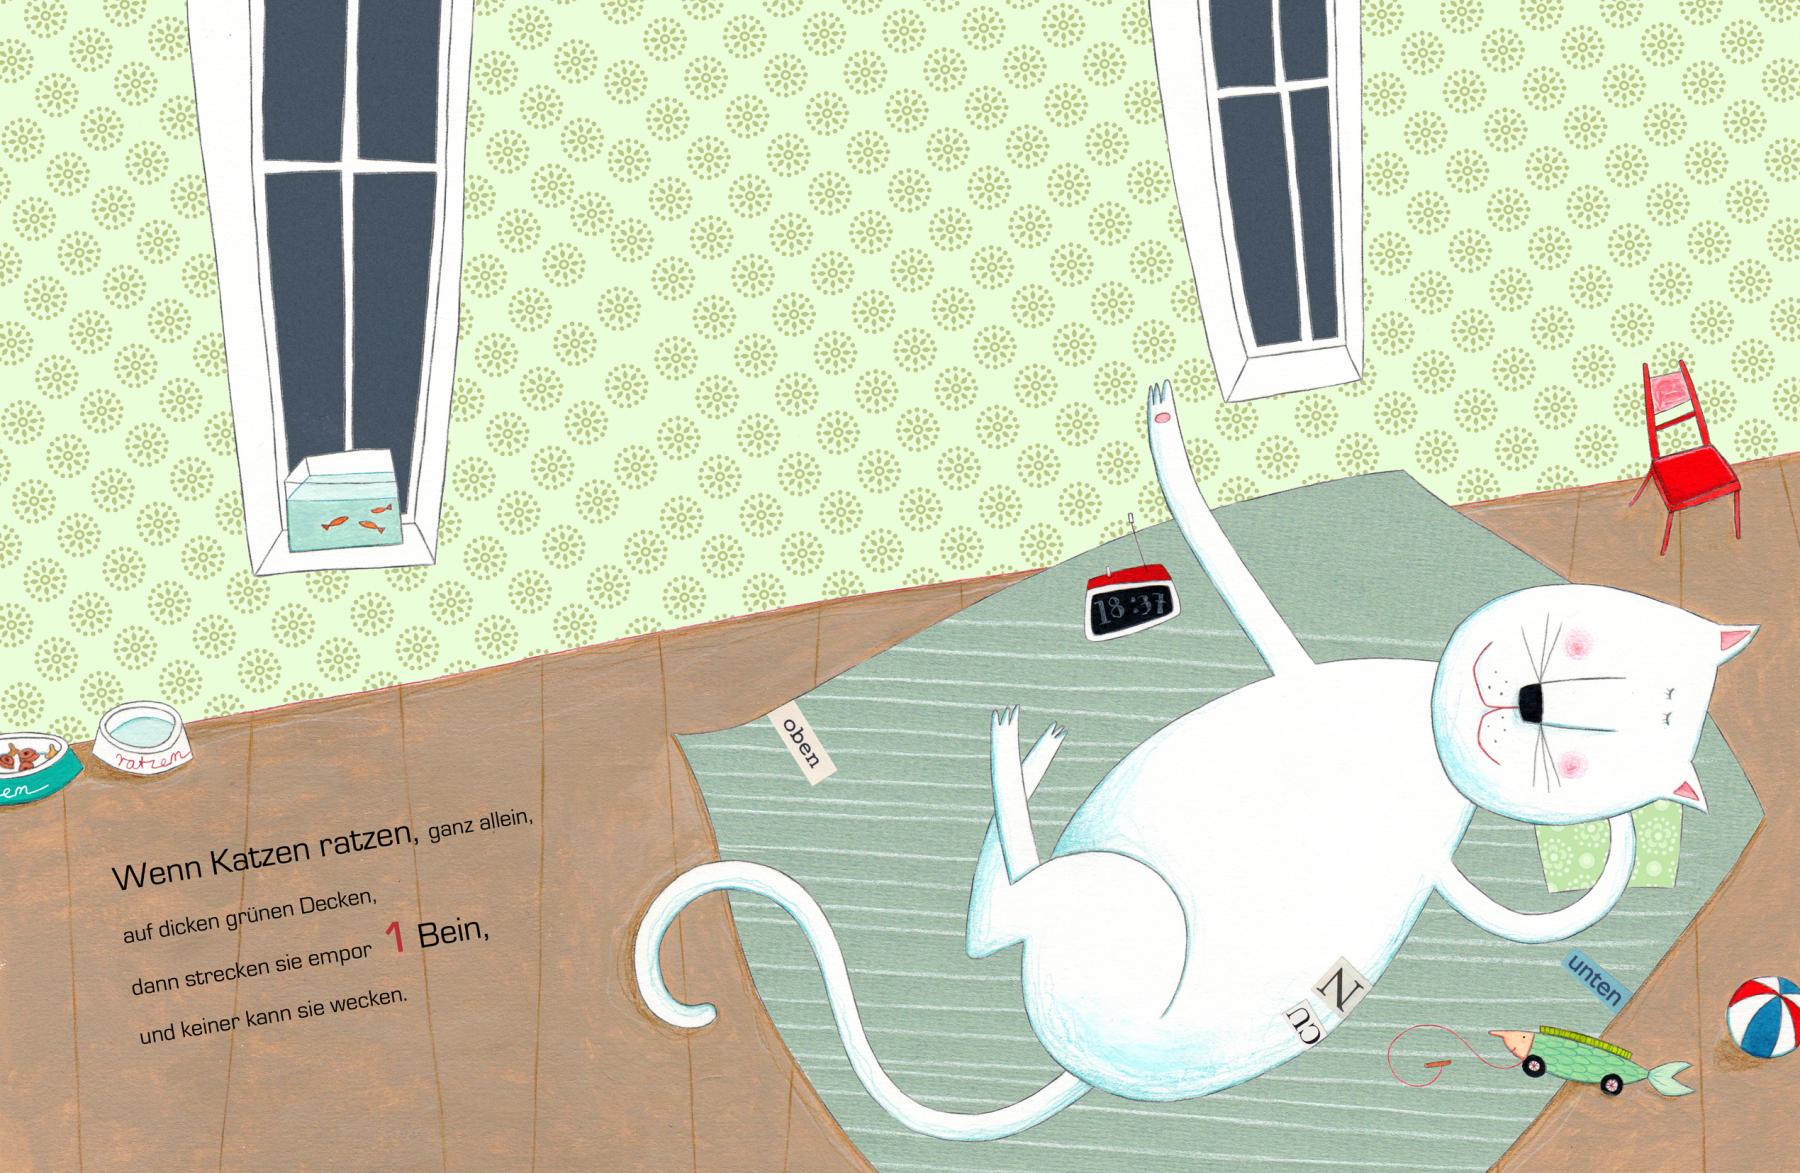 Wenn-Katzen-ratzen-2